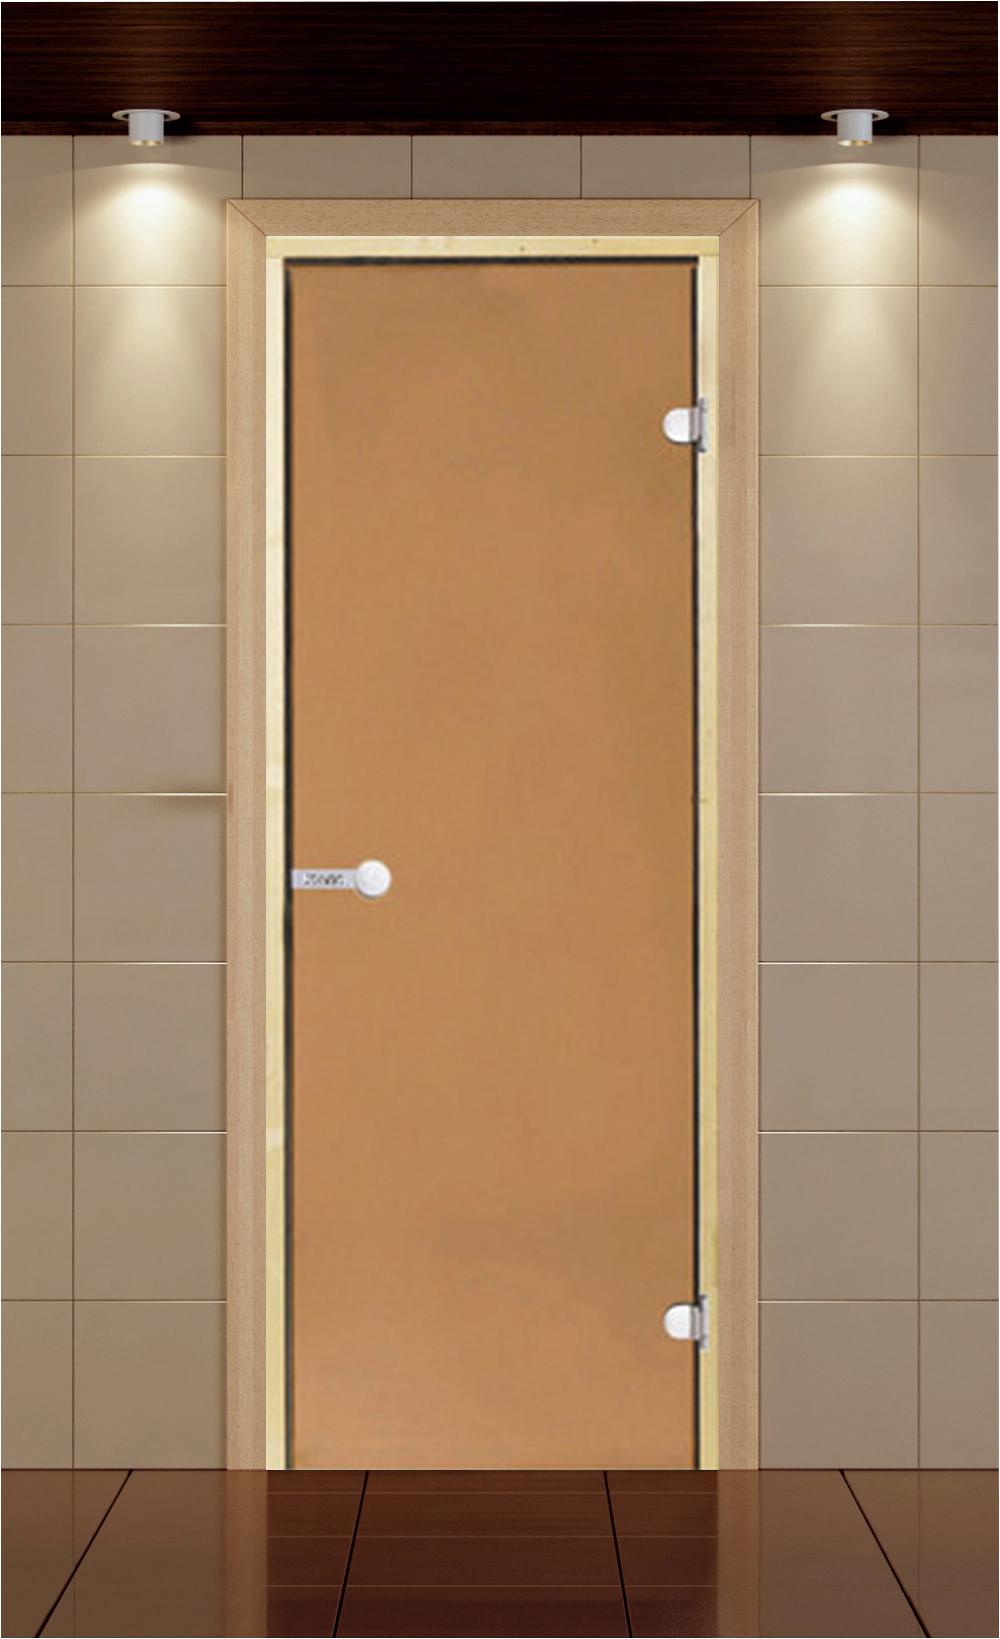 """Дверь Стекло """"Бронза"""". Производитель """"Harvia""""    Коробка соснаРазмеры дверного блока 700-1900    Цена 12800 руб"""